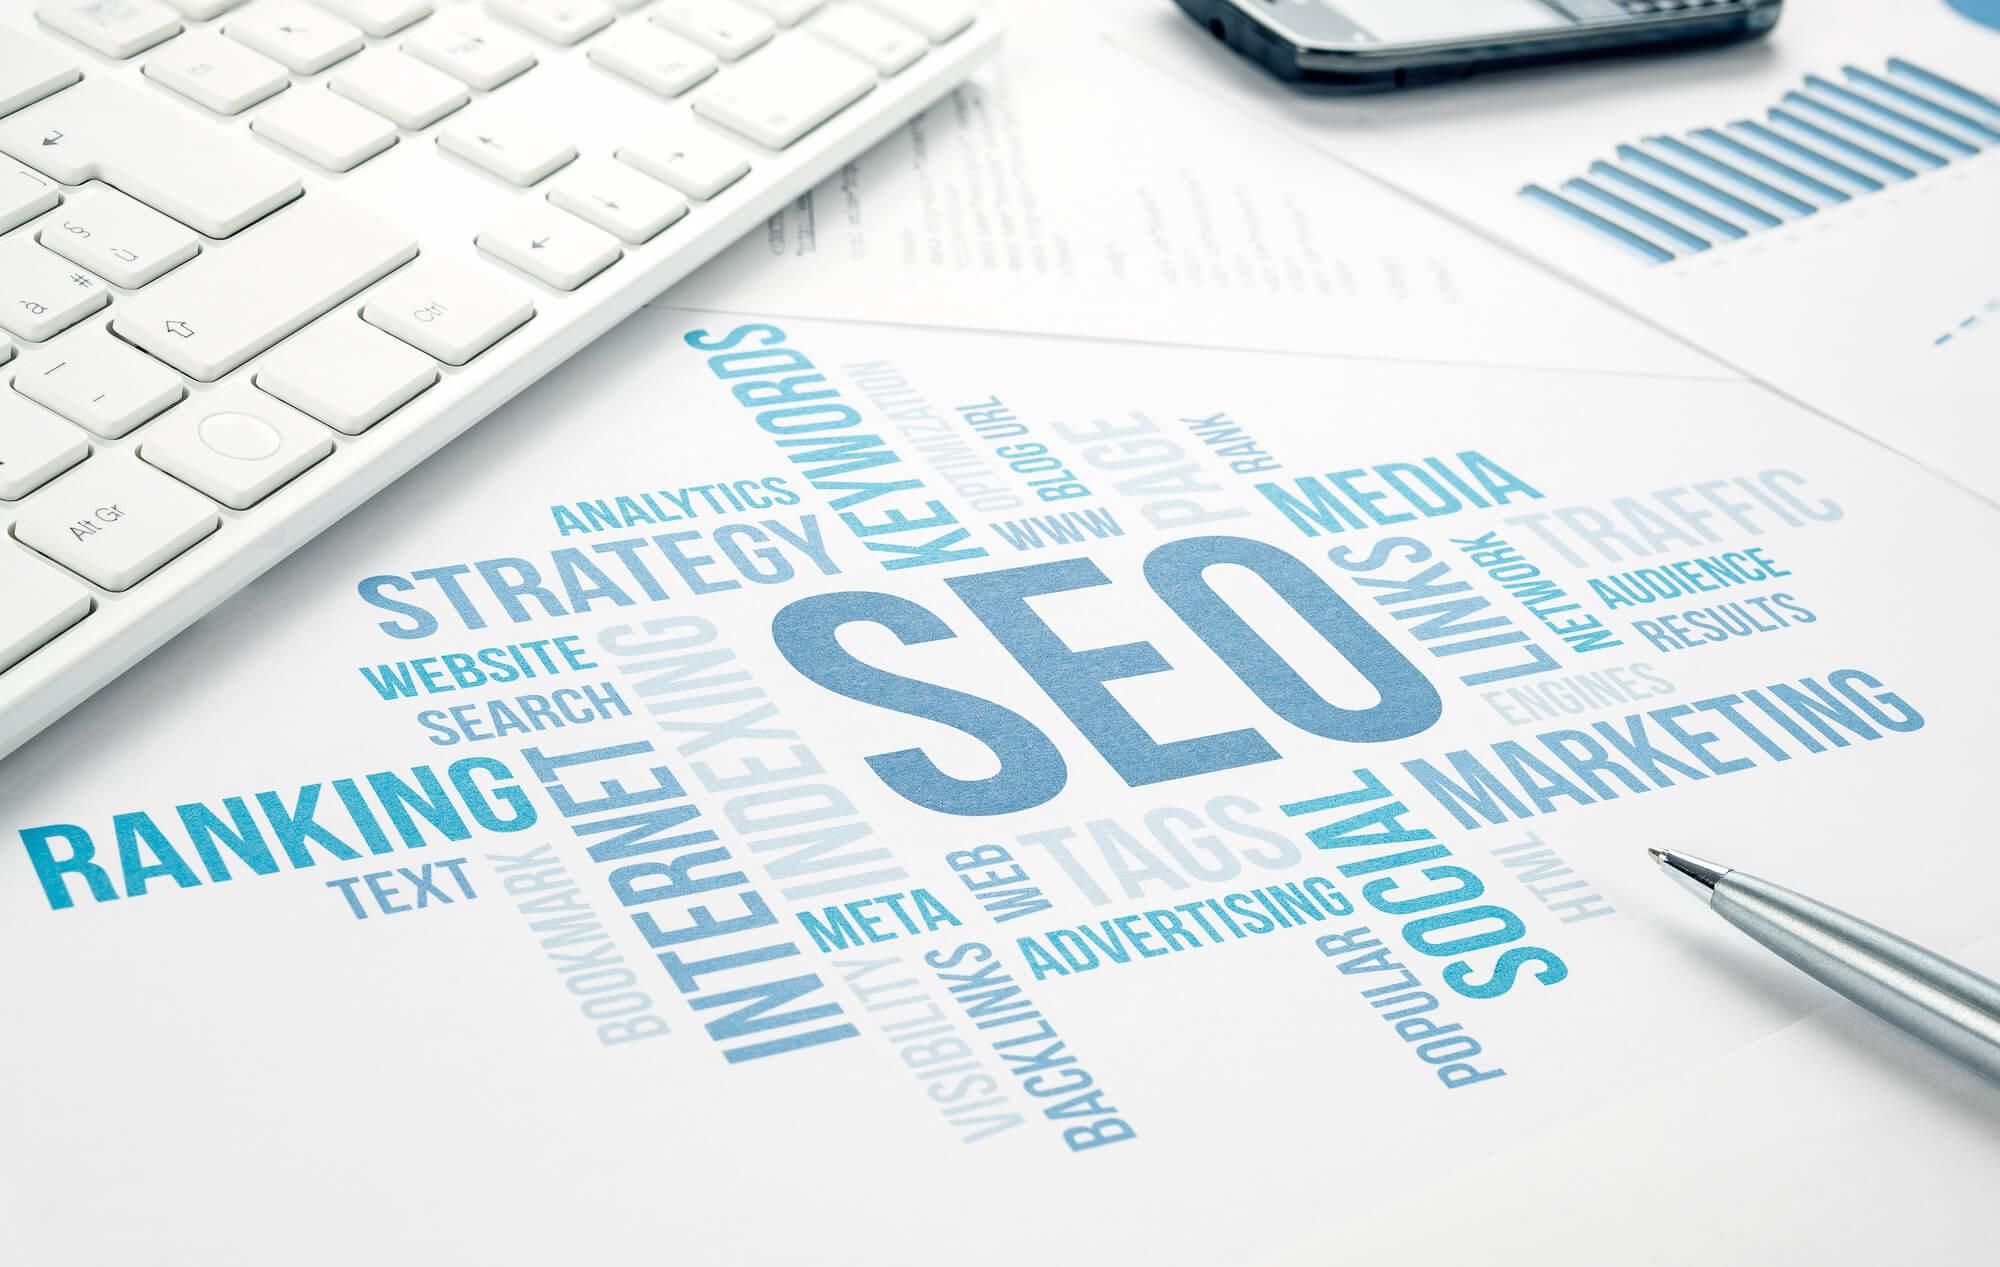 Комплексный интернет маркетинг от профессионалов Google SEO.pro